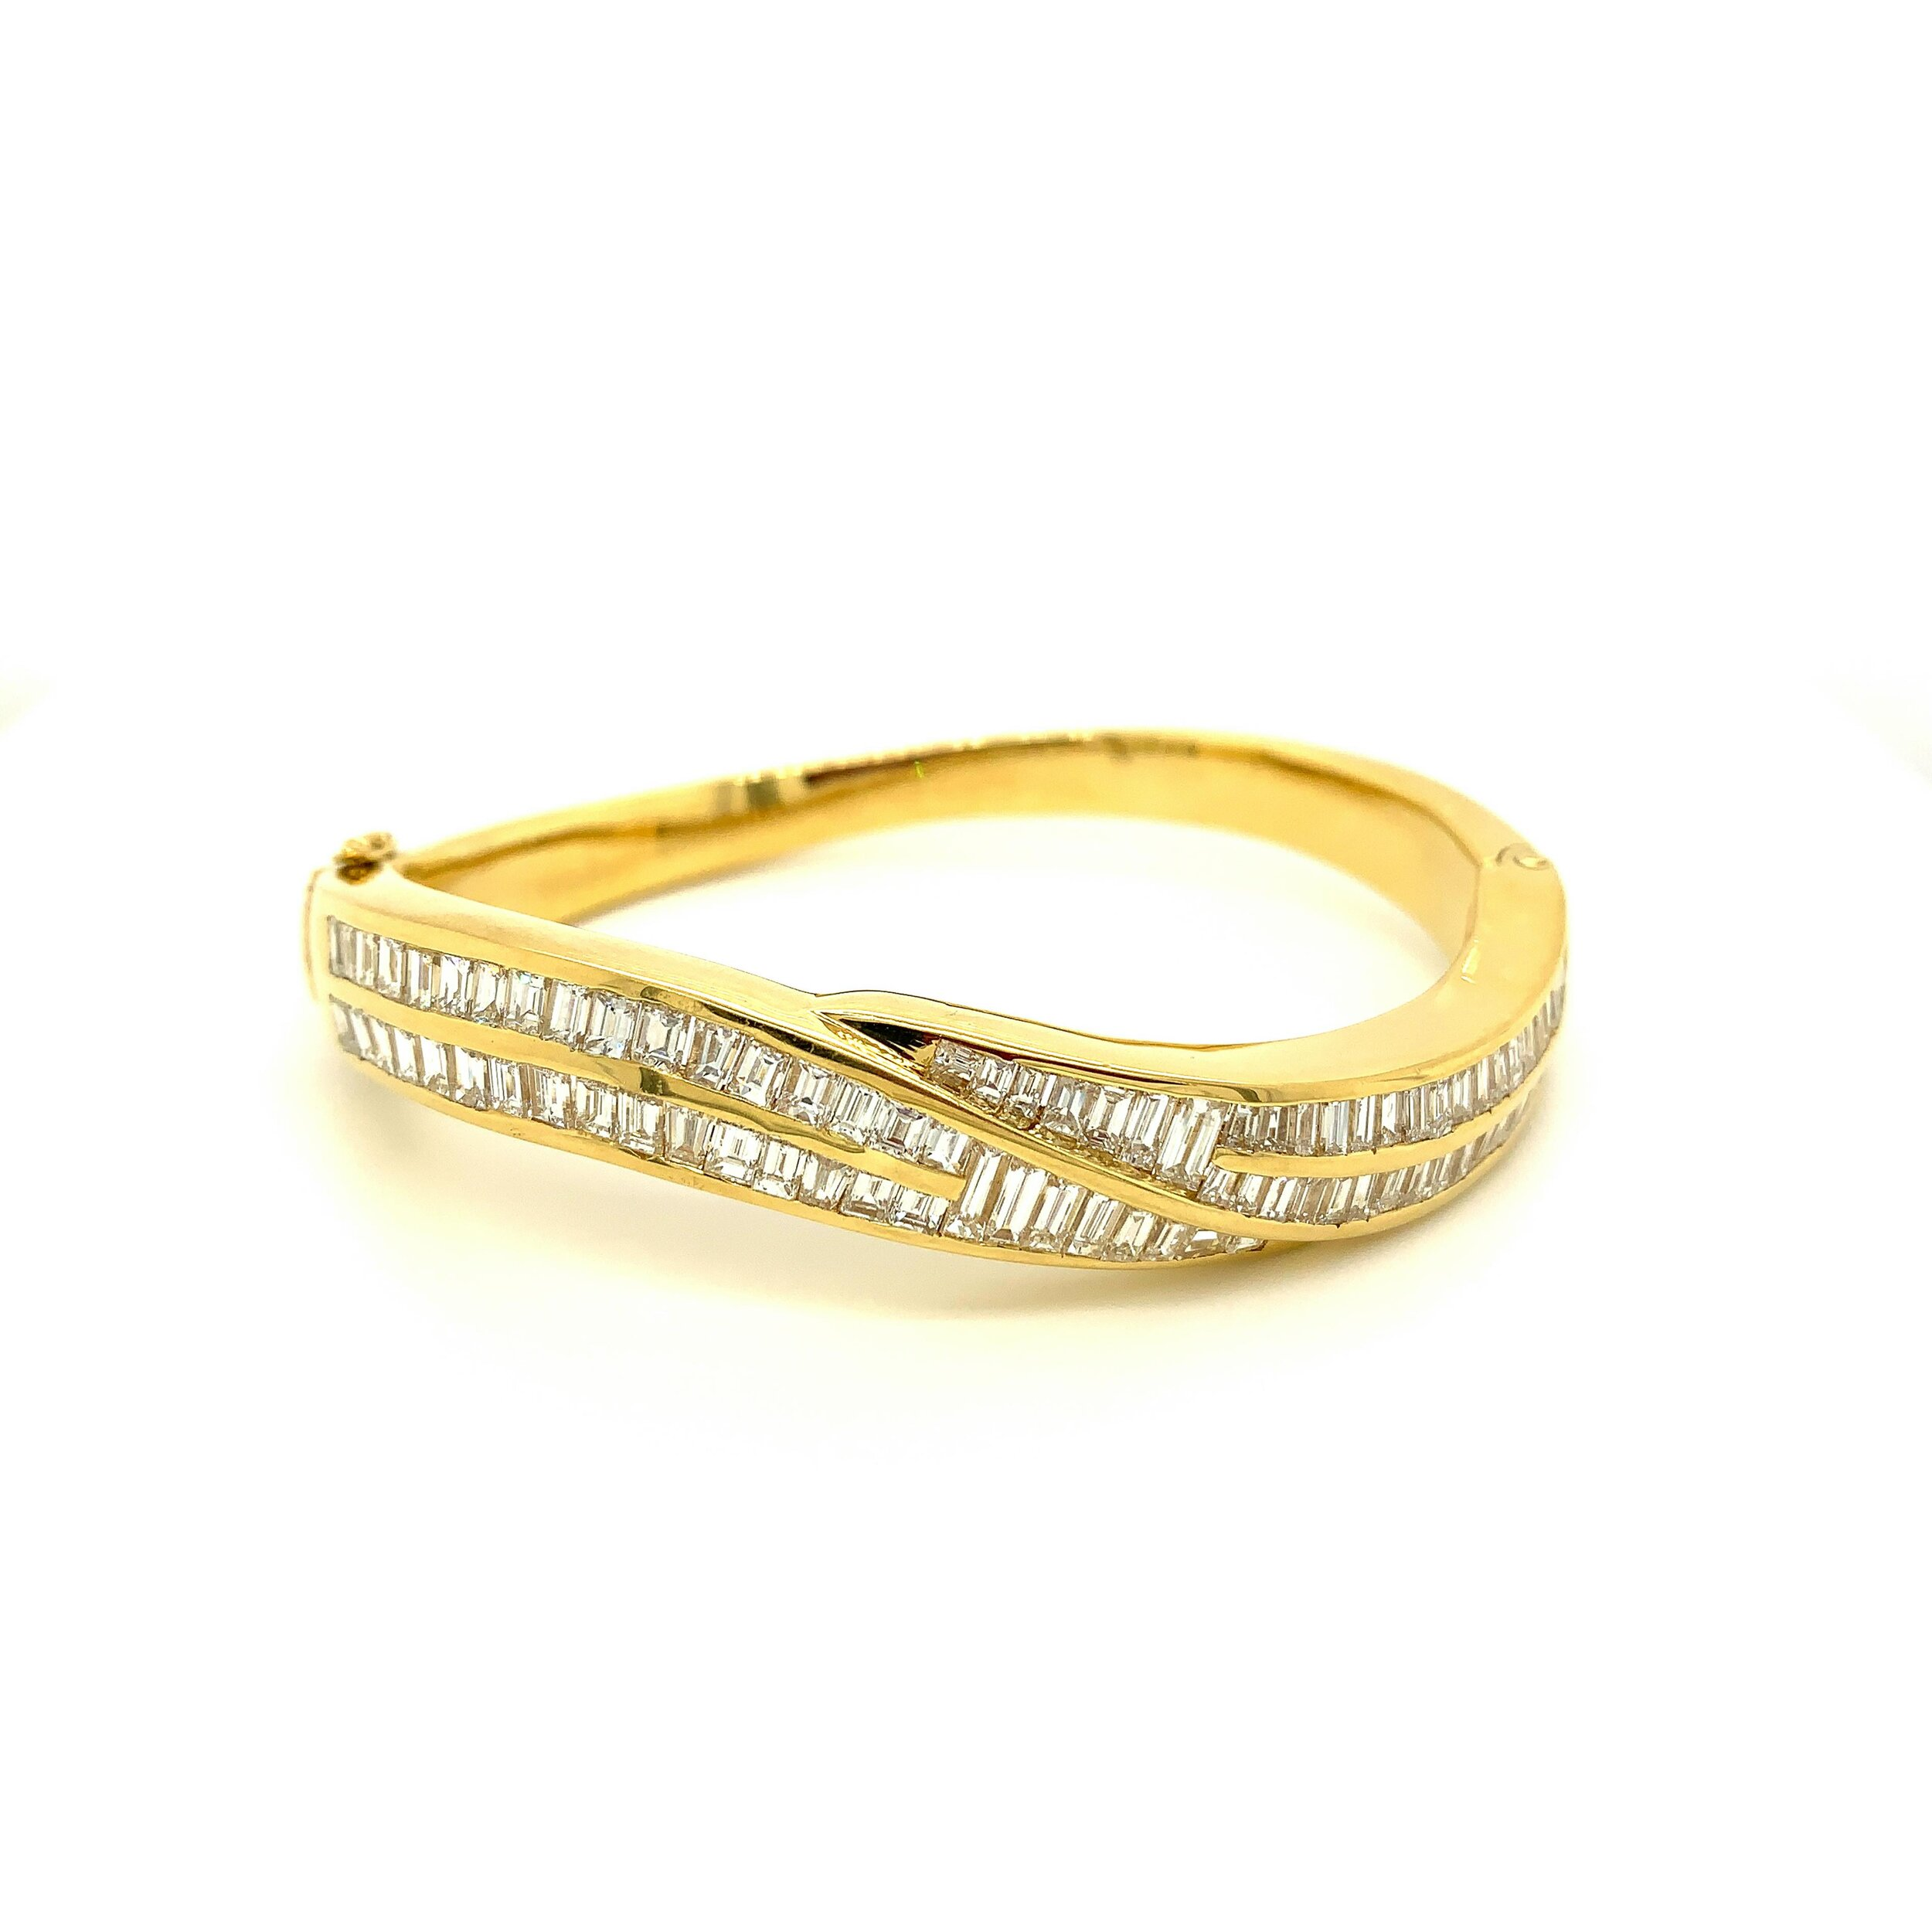 8.15ct Channel Set Diamond Bangle 18kt Gold   Est. US$ 5,000-6,000